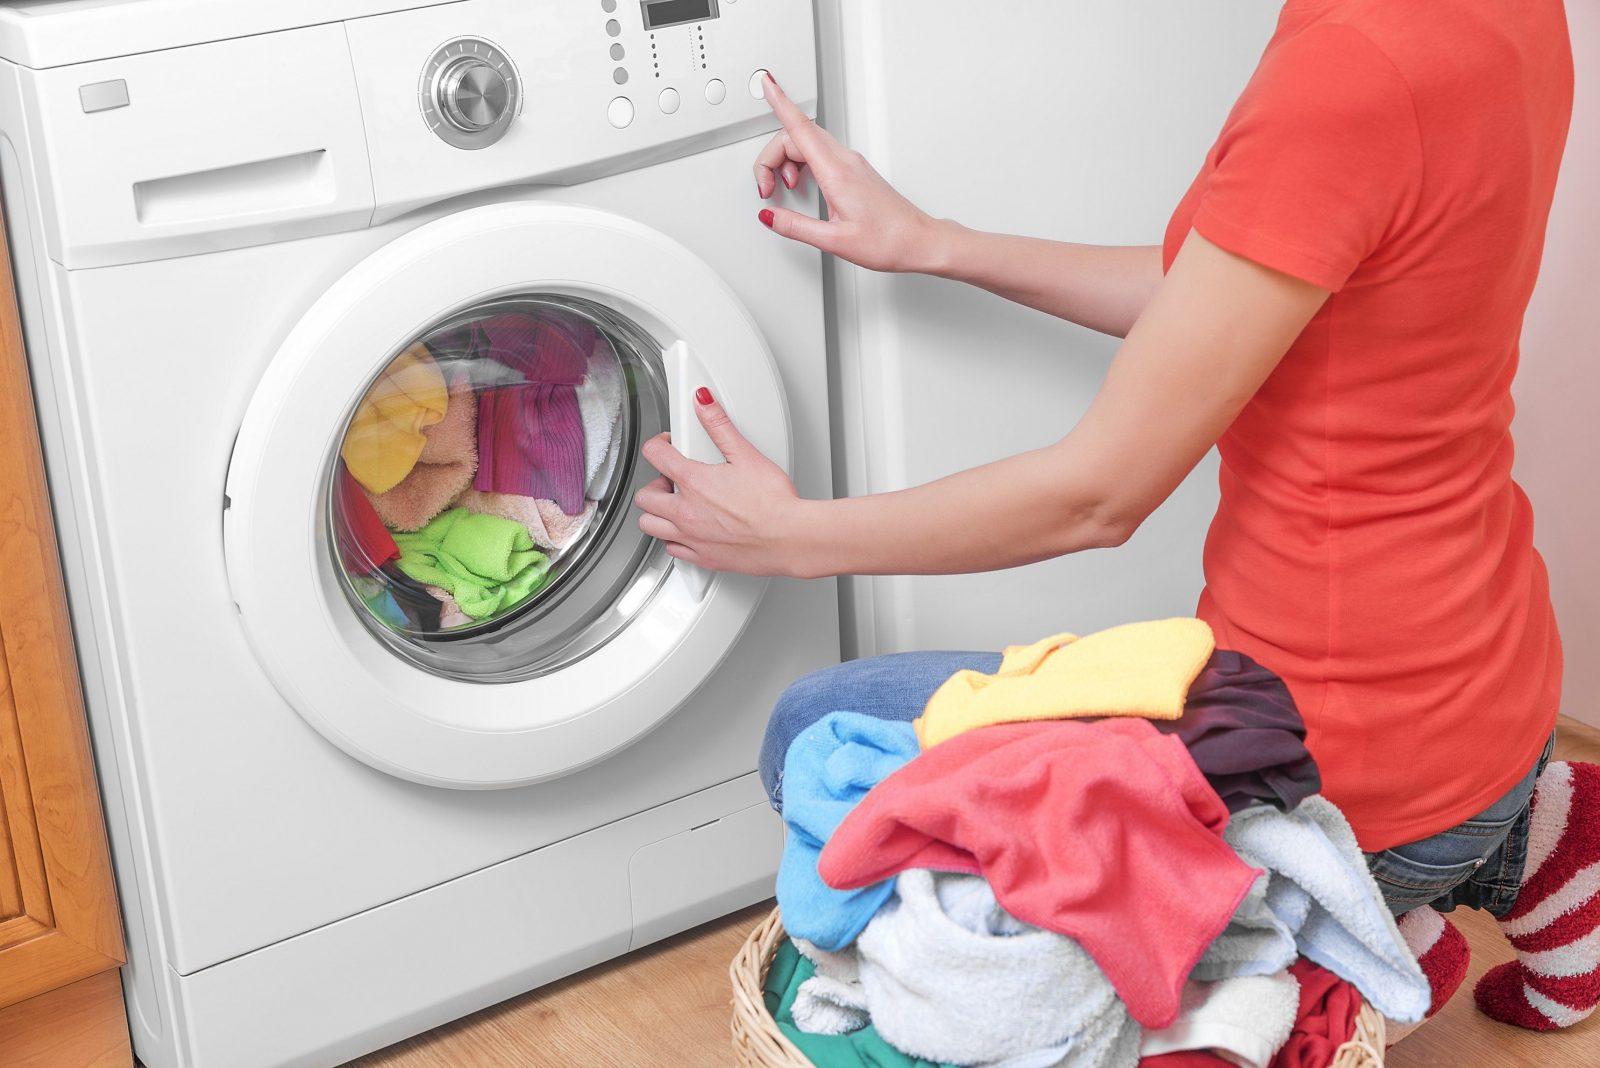 Wäsche Waschen Bei 30 Oder 40 Grad So Wird's Sauber Und Keimfrei von Socken Waschen Wieviel Grad Bild